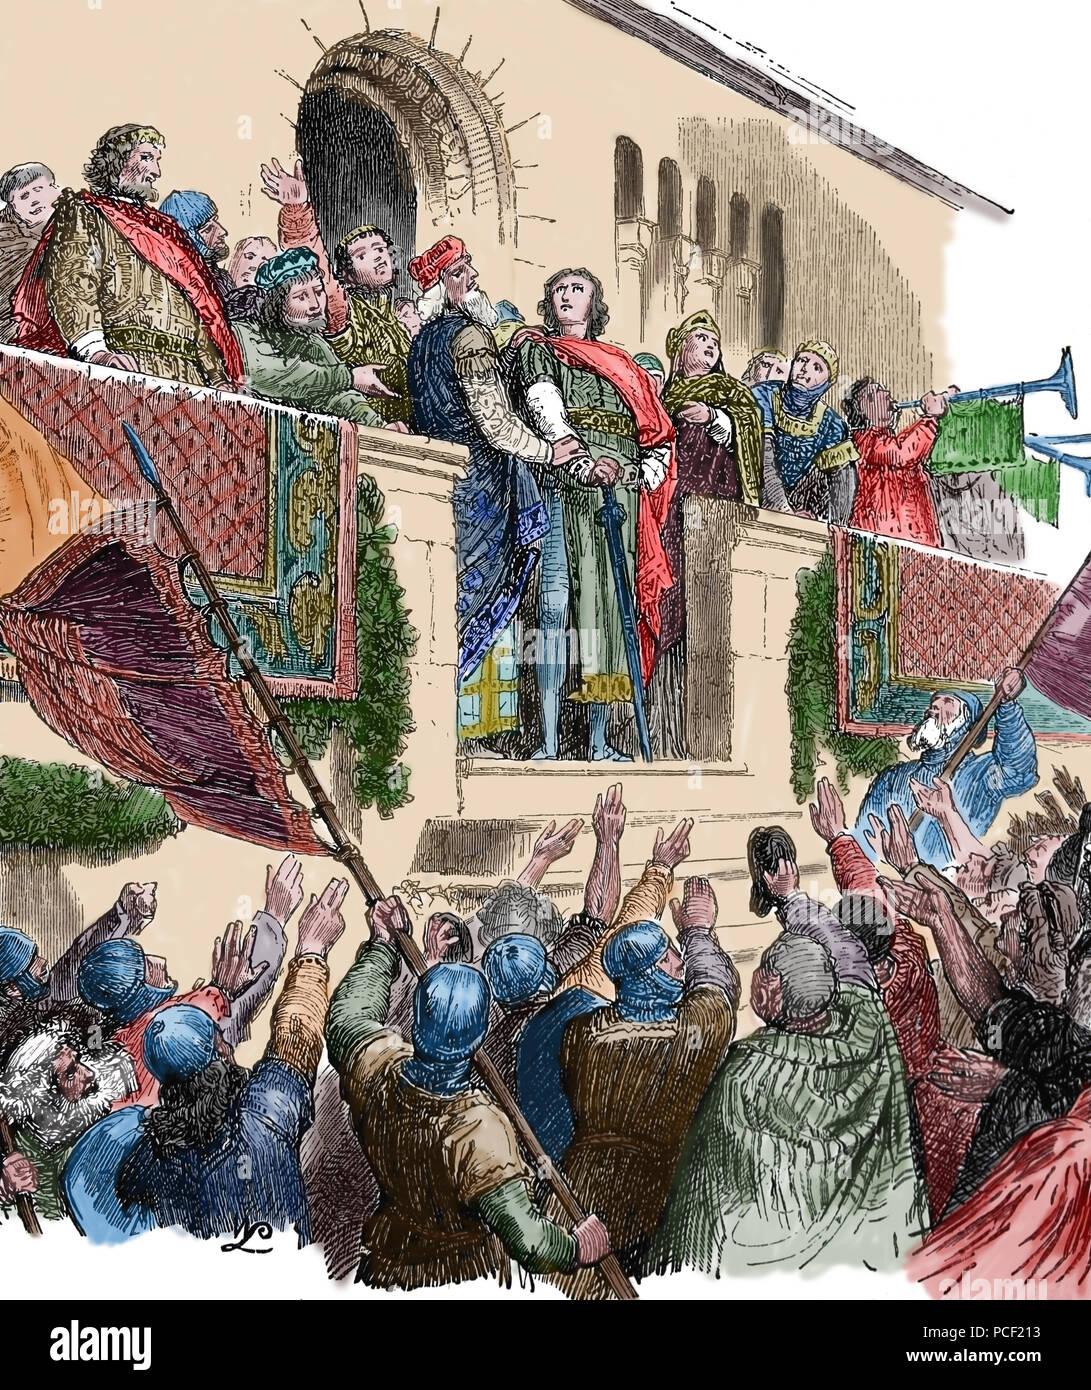 Conrad I della Germania (c. 881-918). Re di Francia da 911-918. Non dinastia carolingia. Eletto per la nobiltà. Casa Conradines. Immagini Stock